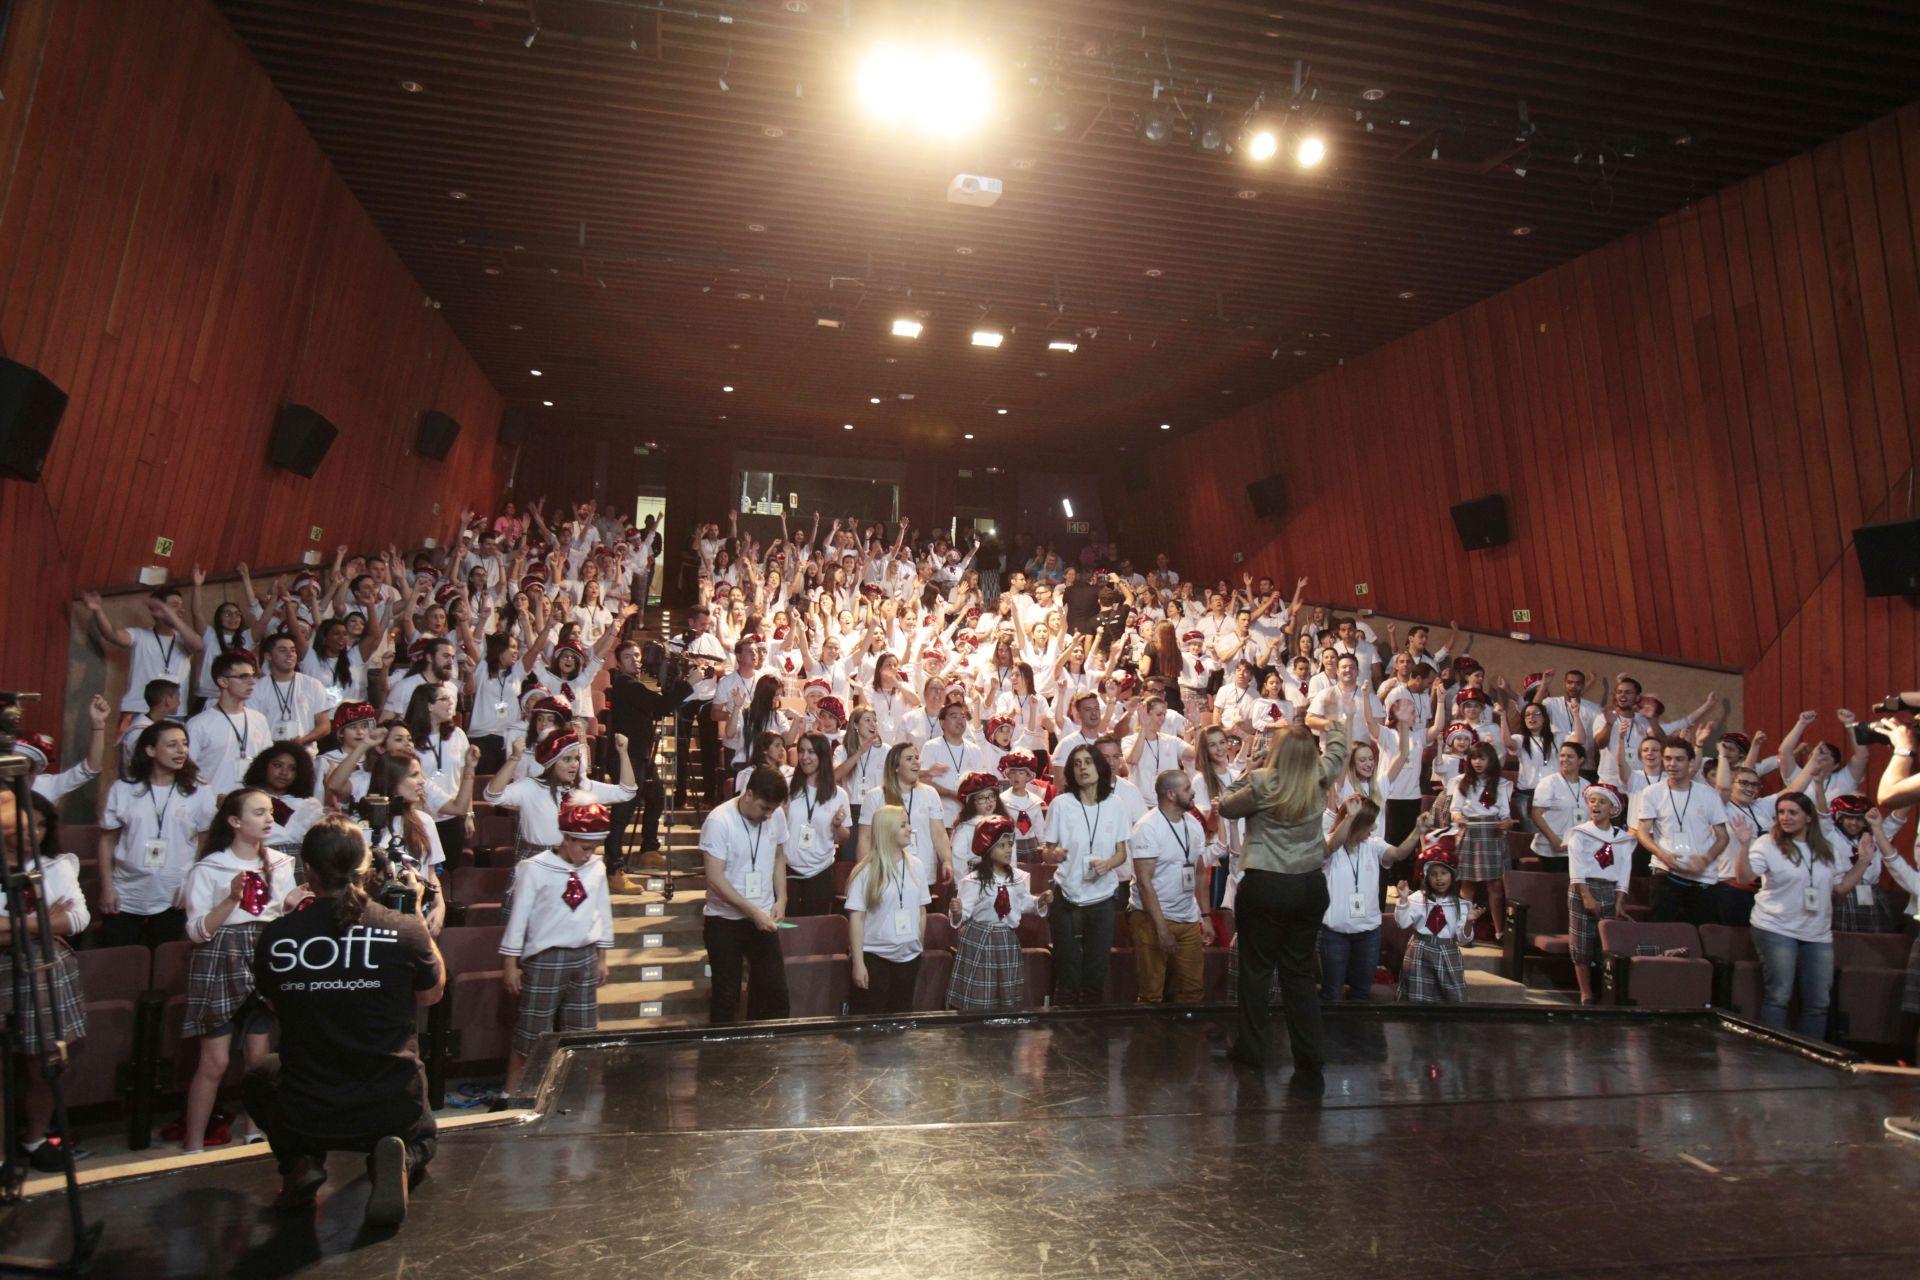 Dulce coordena um ensaio no primeiro dia do espetáculo do Palácio Avenida, em 2017. Foto: Marco Charneski/Tribuna do Paraná